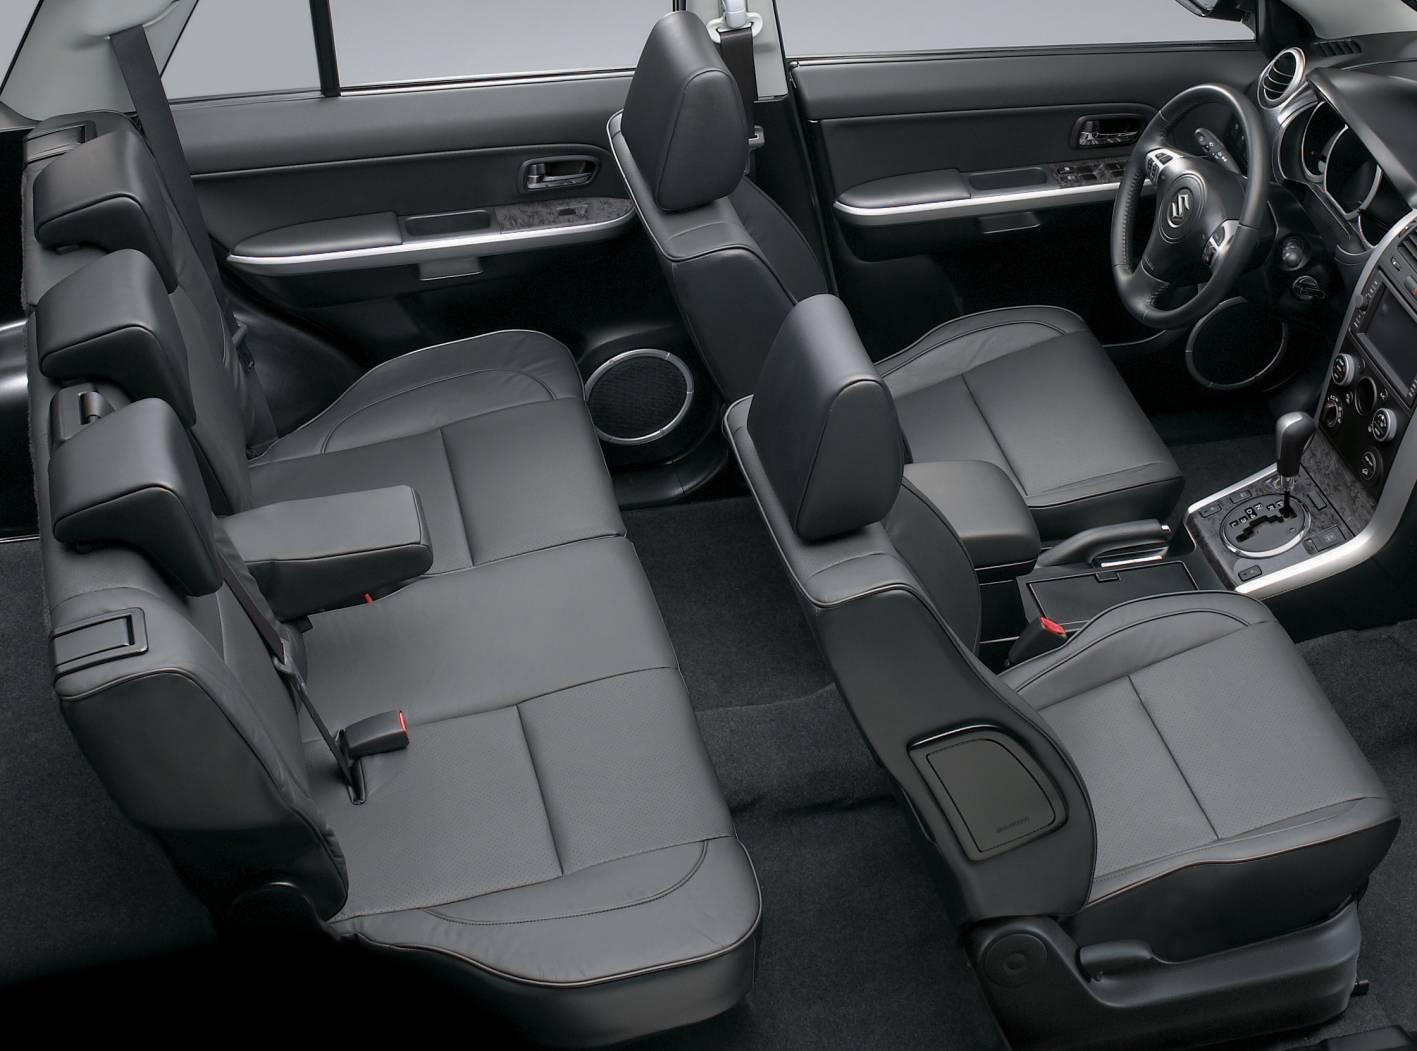 Suzuki grand vitara 2013 third generation 5reasonreviews com simple honest car reviews